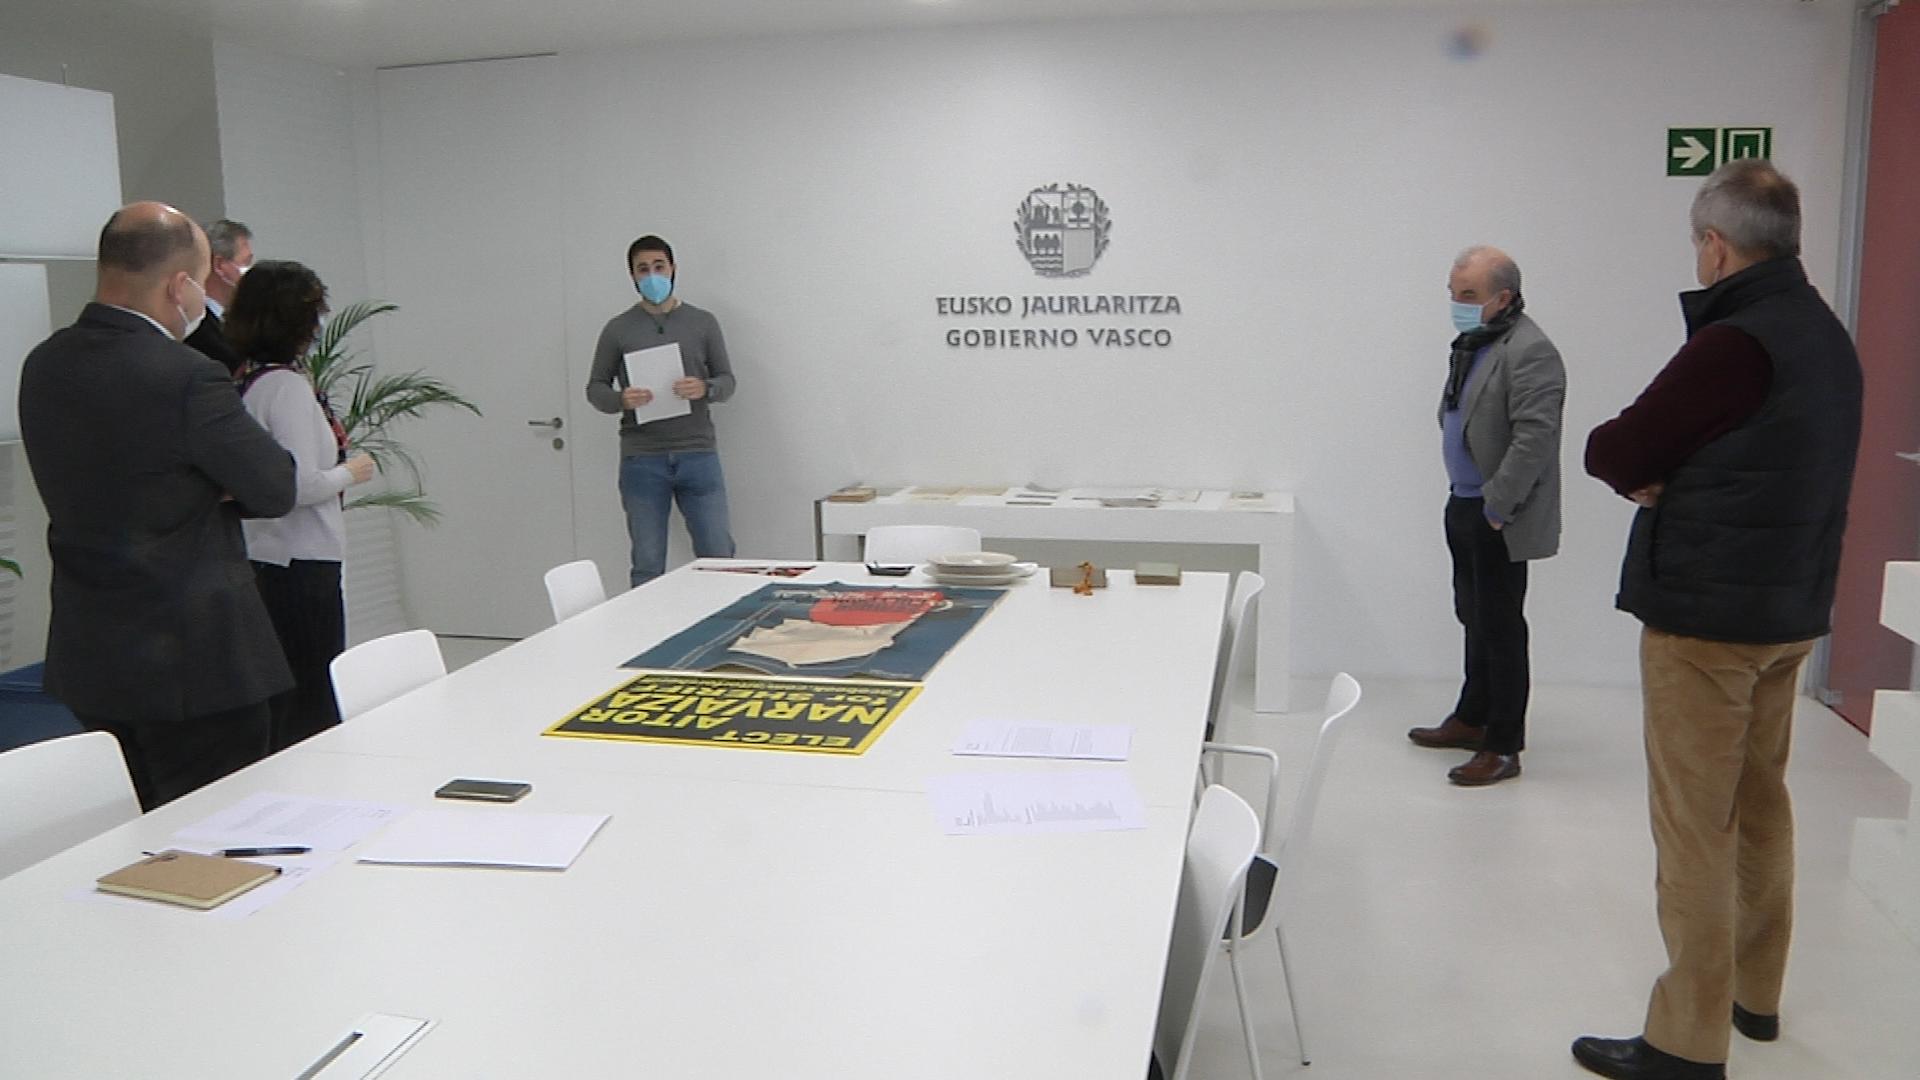 Bingen Zupiria y Marian Elorza conocen de cerca el trabajo que se realiza en el Archivo de la Diáspora Vasca  [4:52]